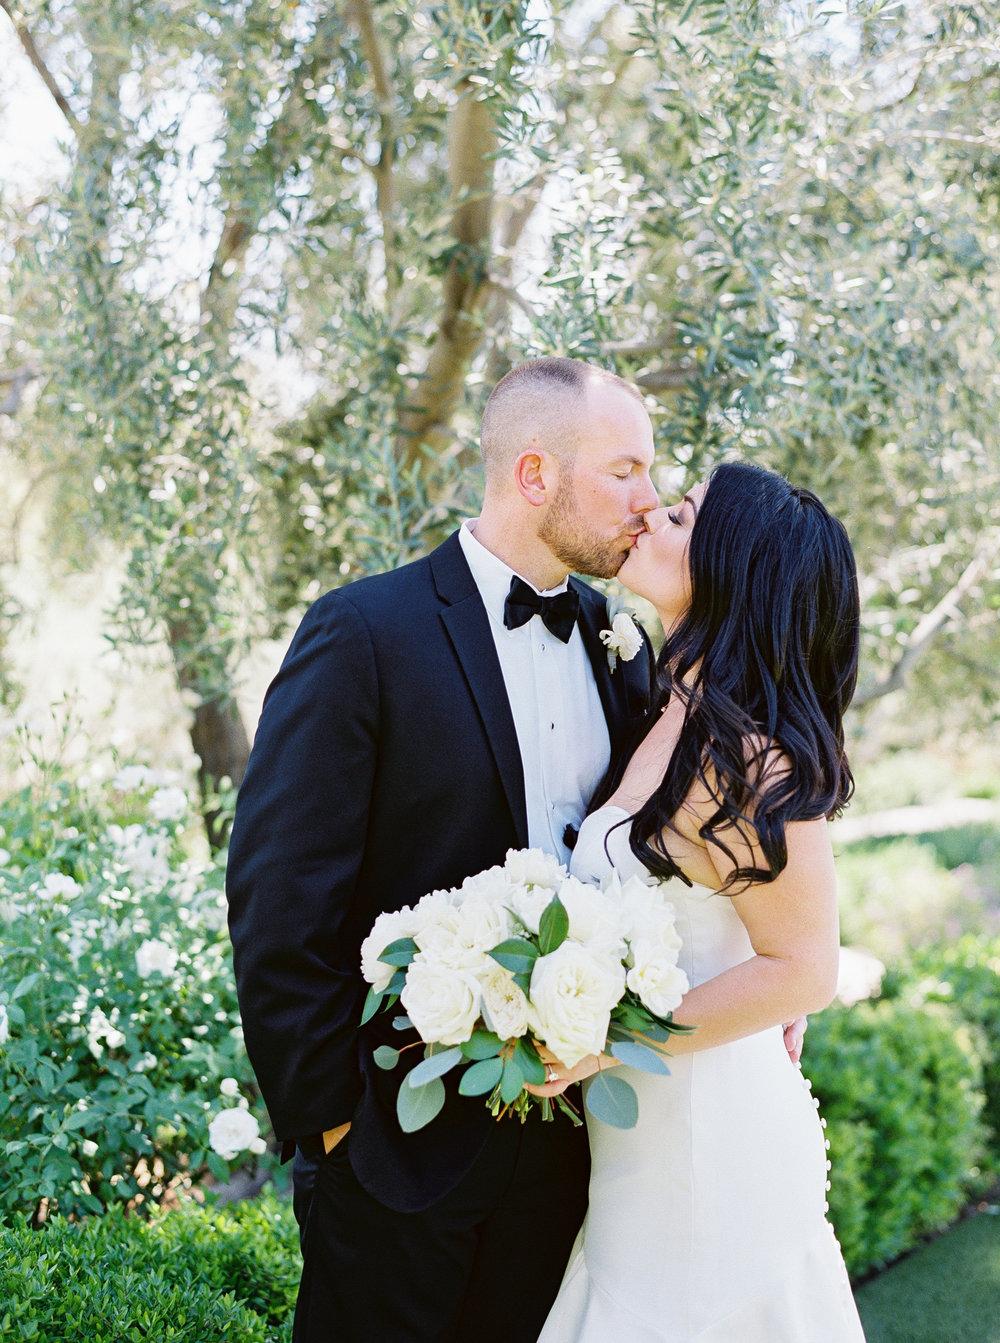 El_Chorro_Destination_Wedding_Planner_12.JPG